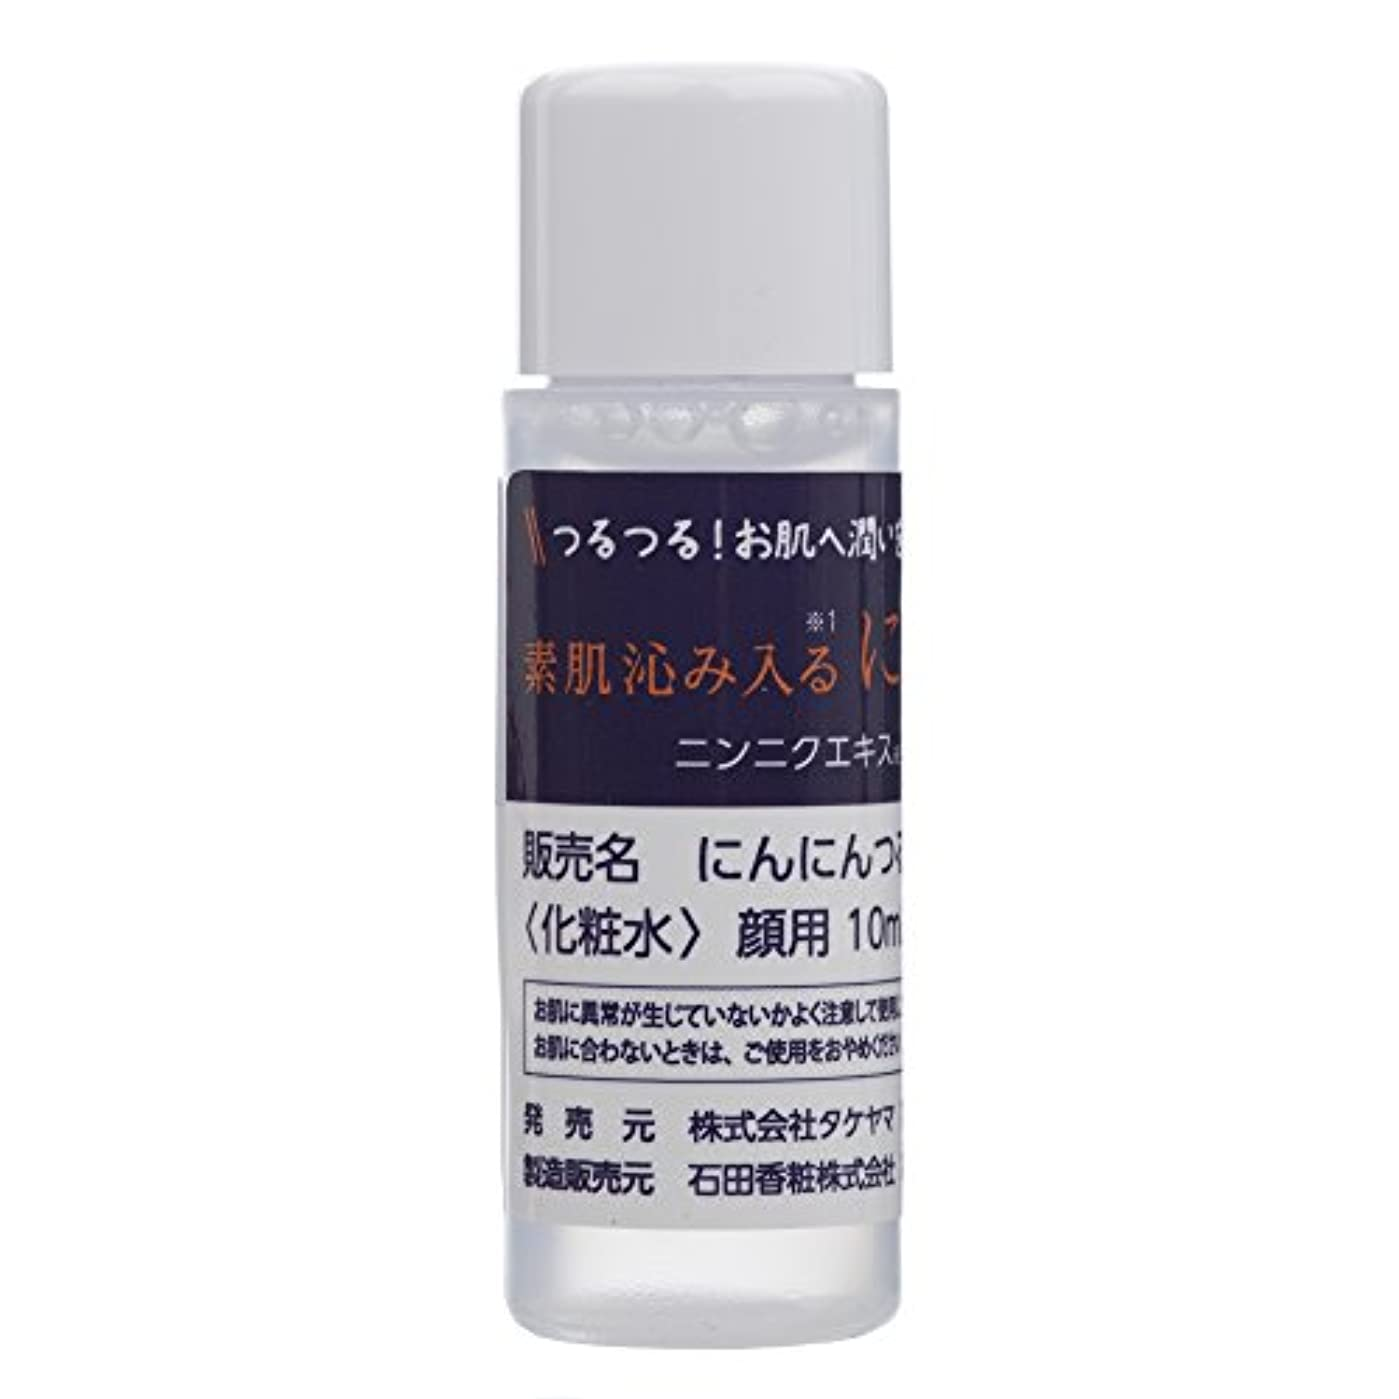 モデレータスチュアート島にんにんつるり お肌の健康と潤いを保つ化粧水です。 10ml